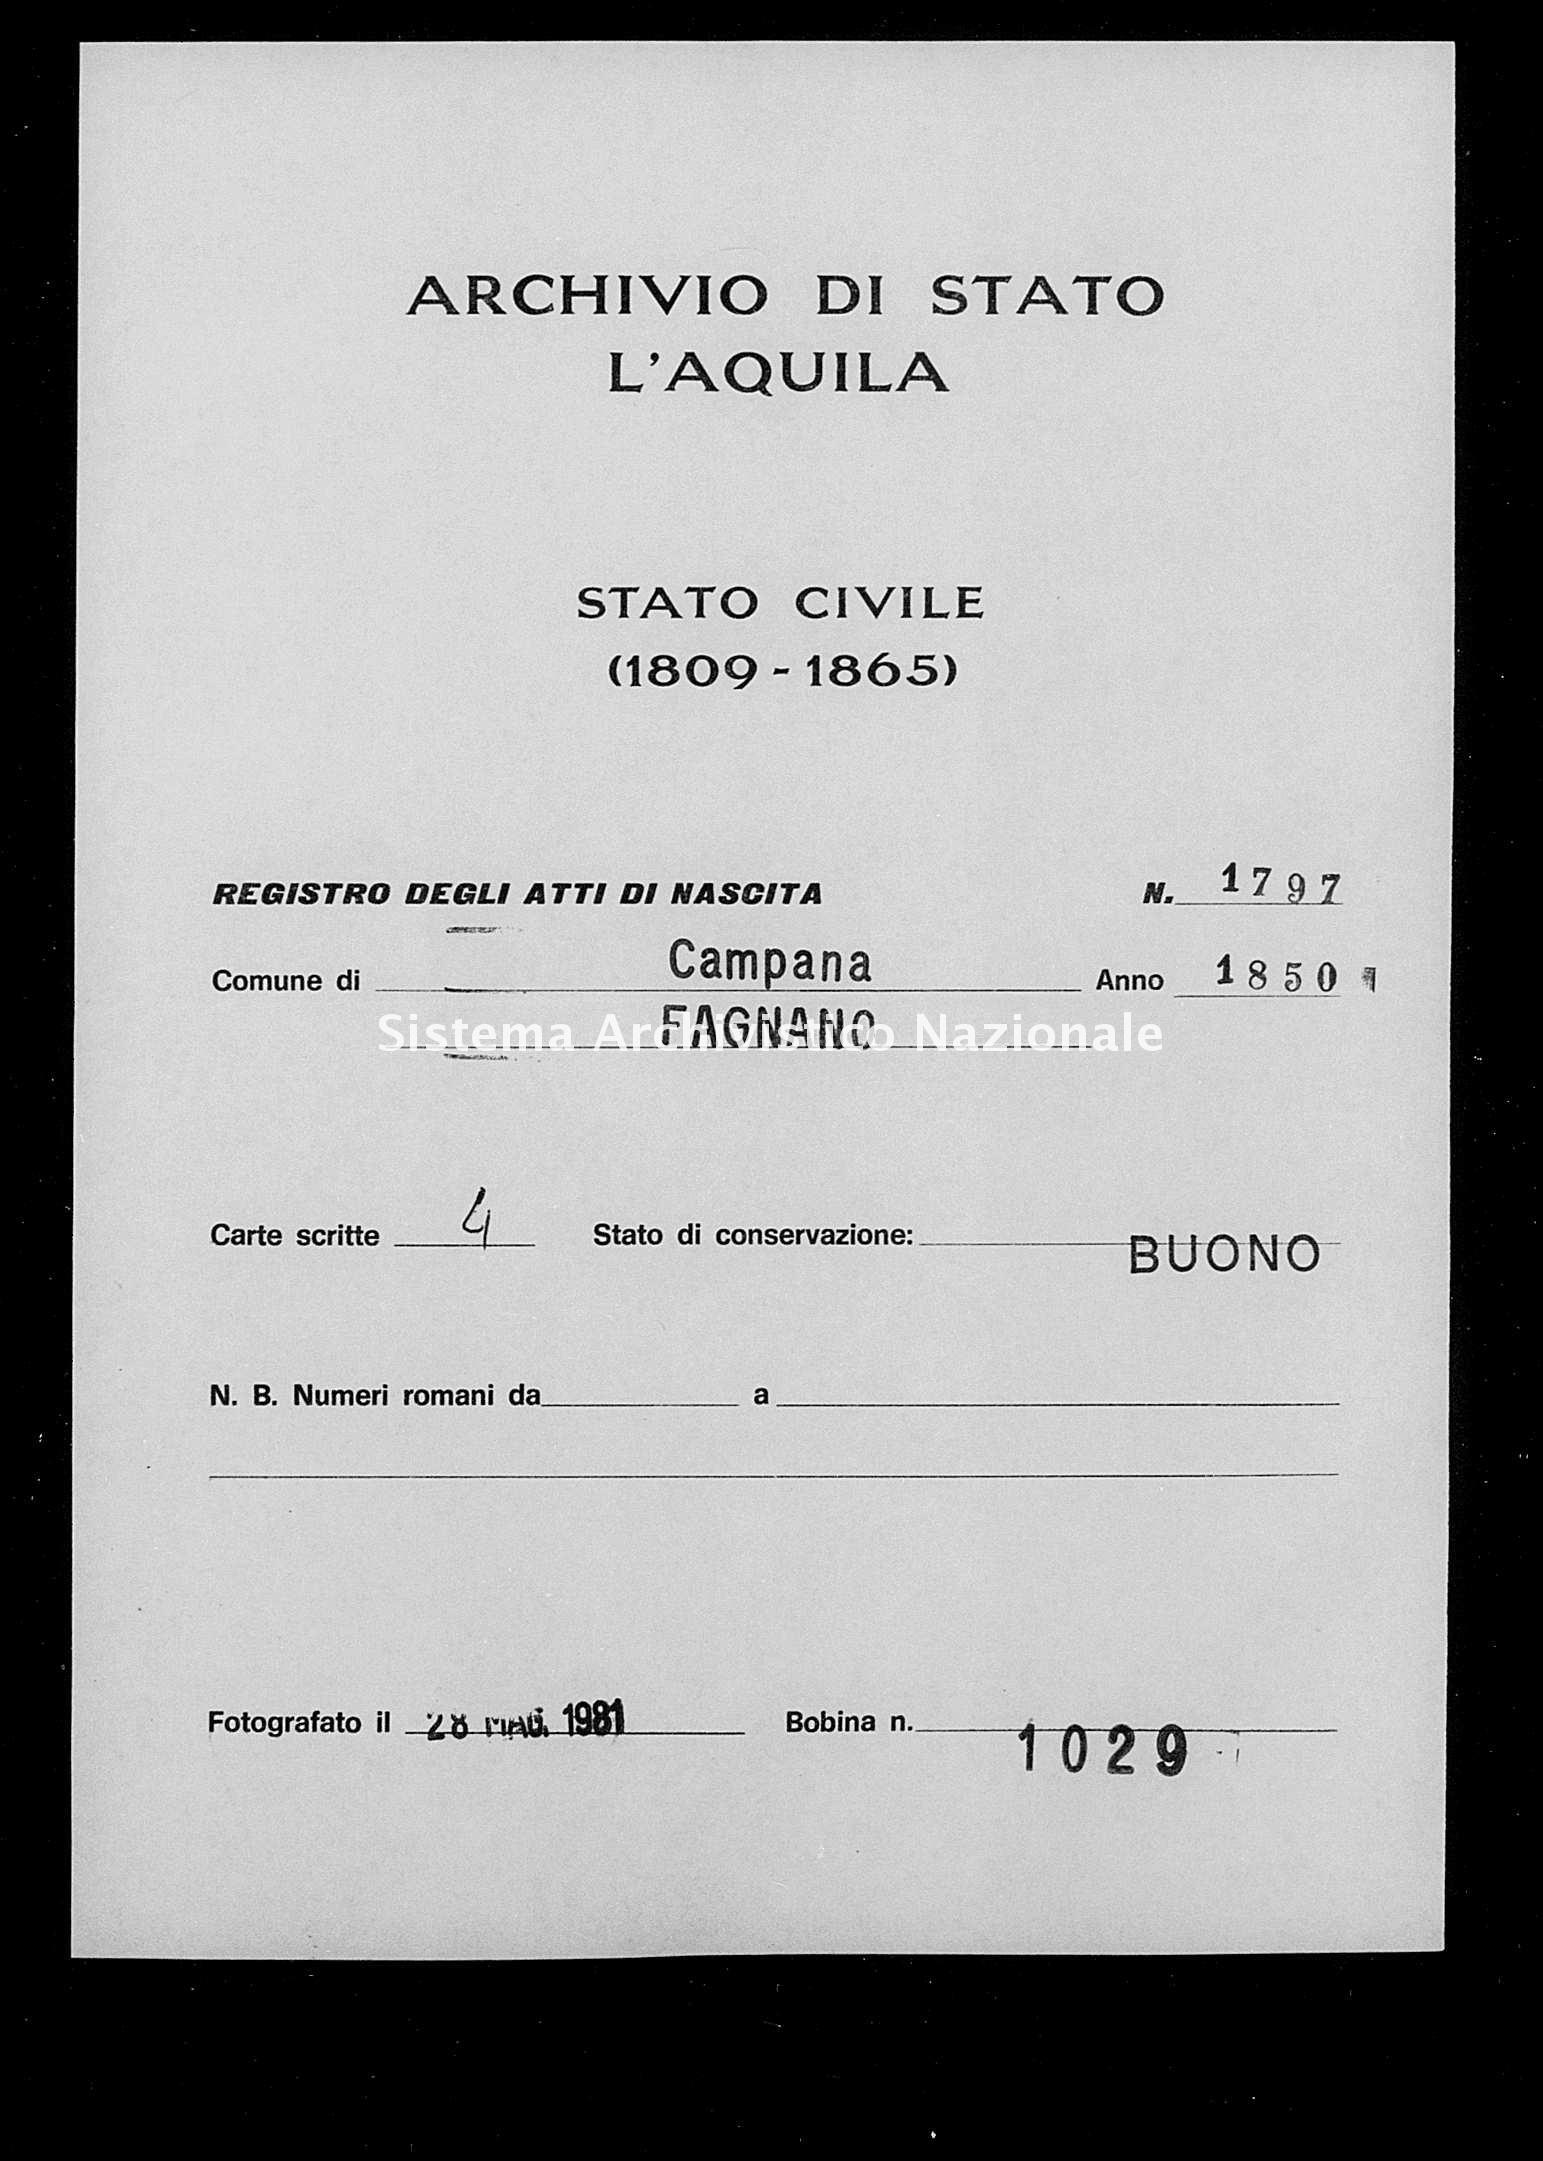 Archivio di stato di L'aquila - Stato civile della restaurazione - Campana - Nati - 1850 - 1797 -